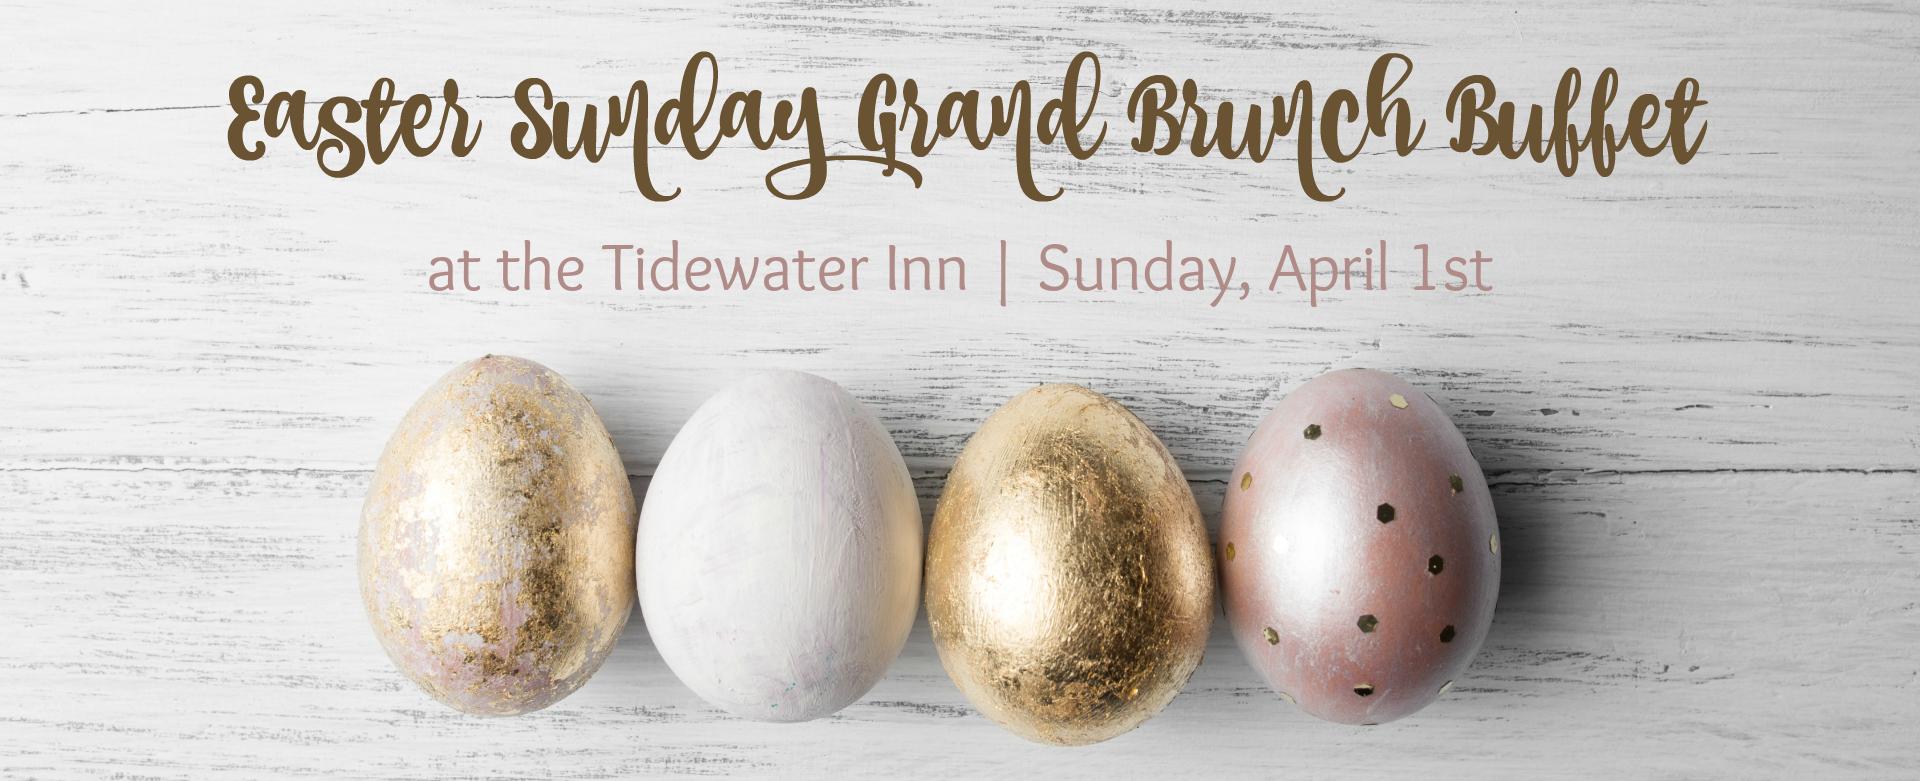 Easter Web Cover Image 2018.jpg